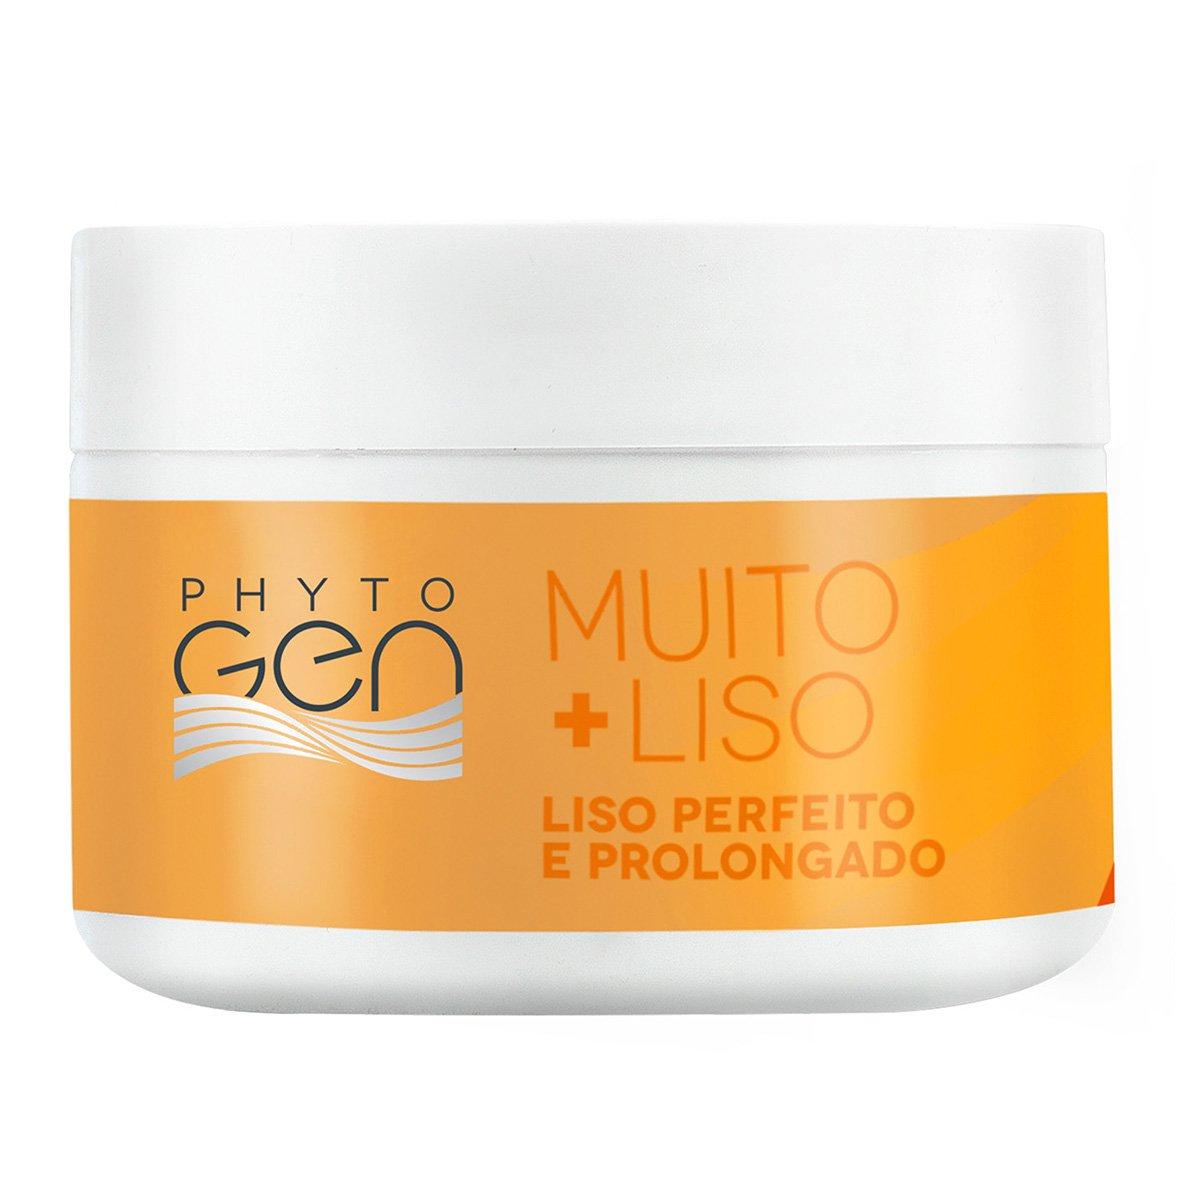 Máscara Phytogen Muito + Liso 300g